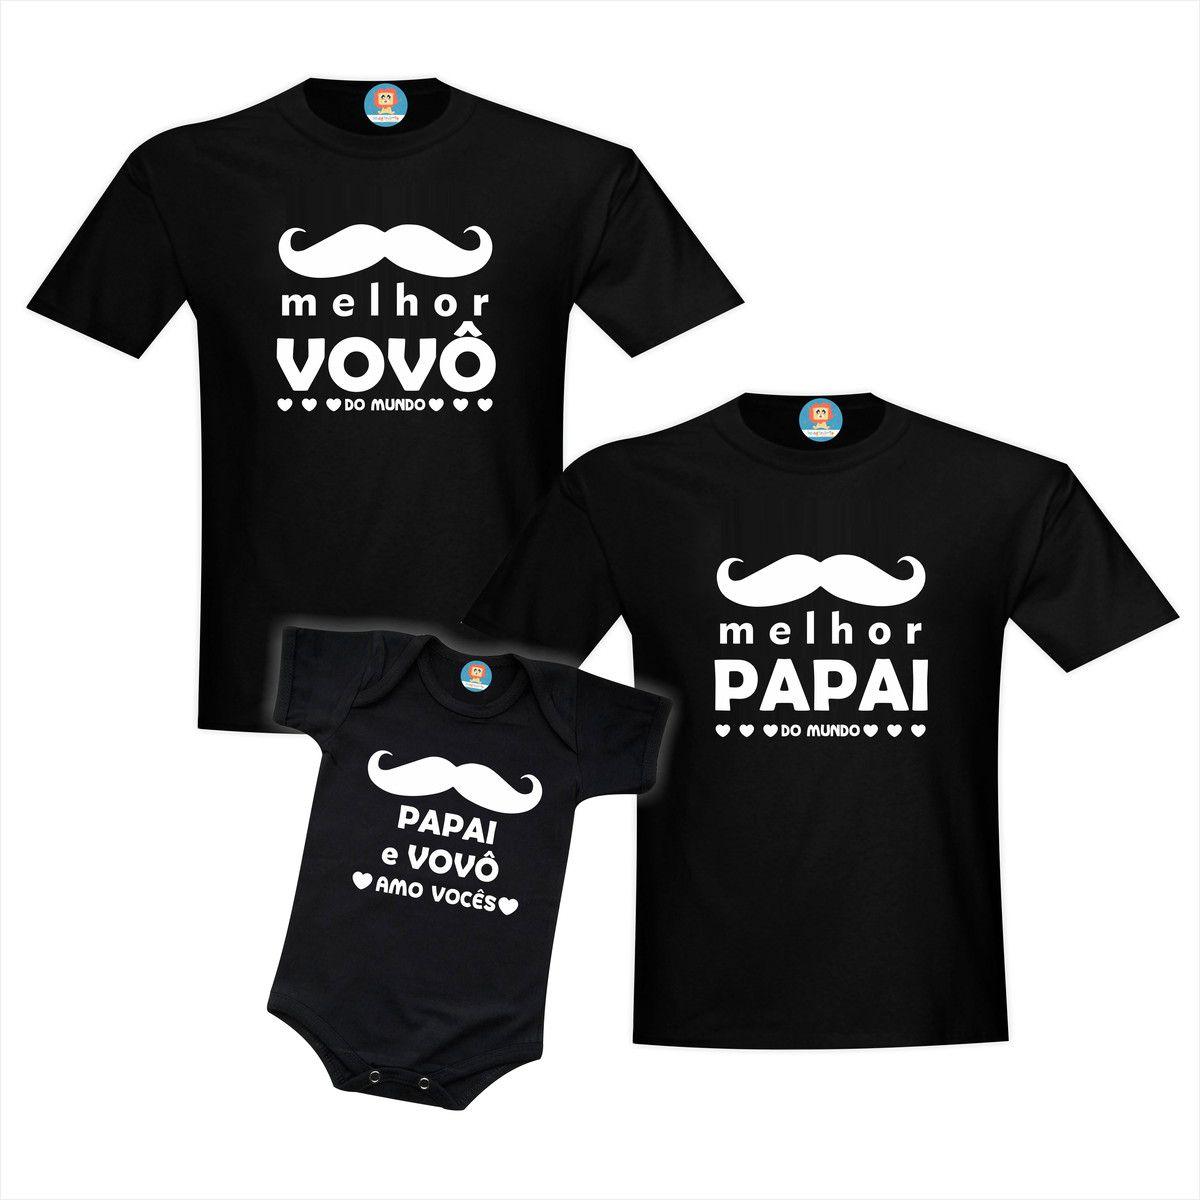 Kit Melhor do Mundo Vovô, Papai e Filho